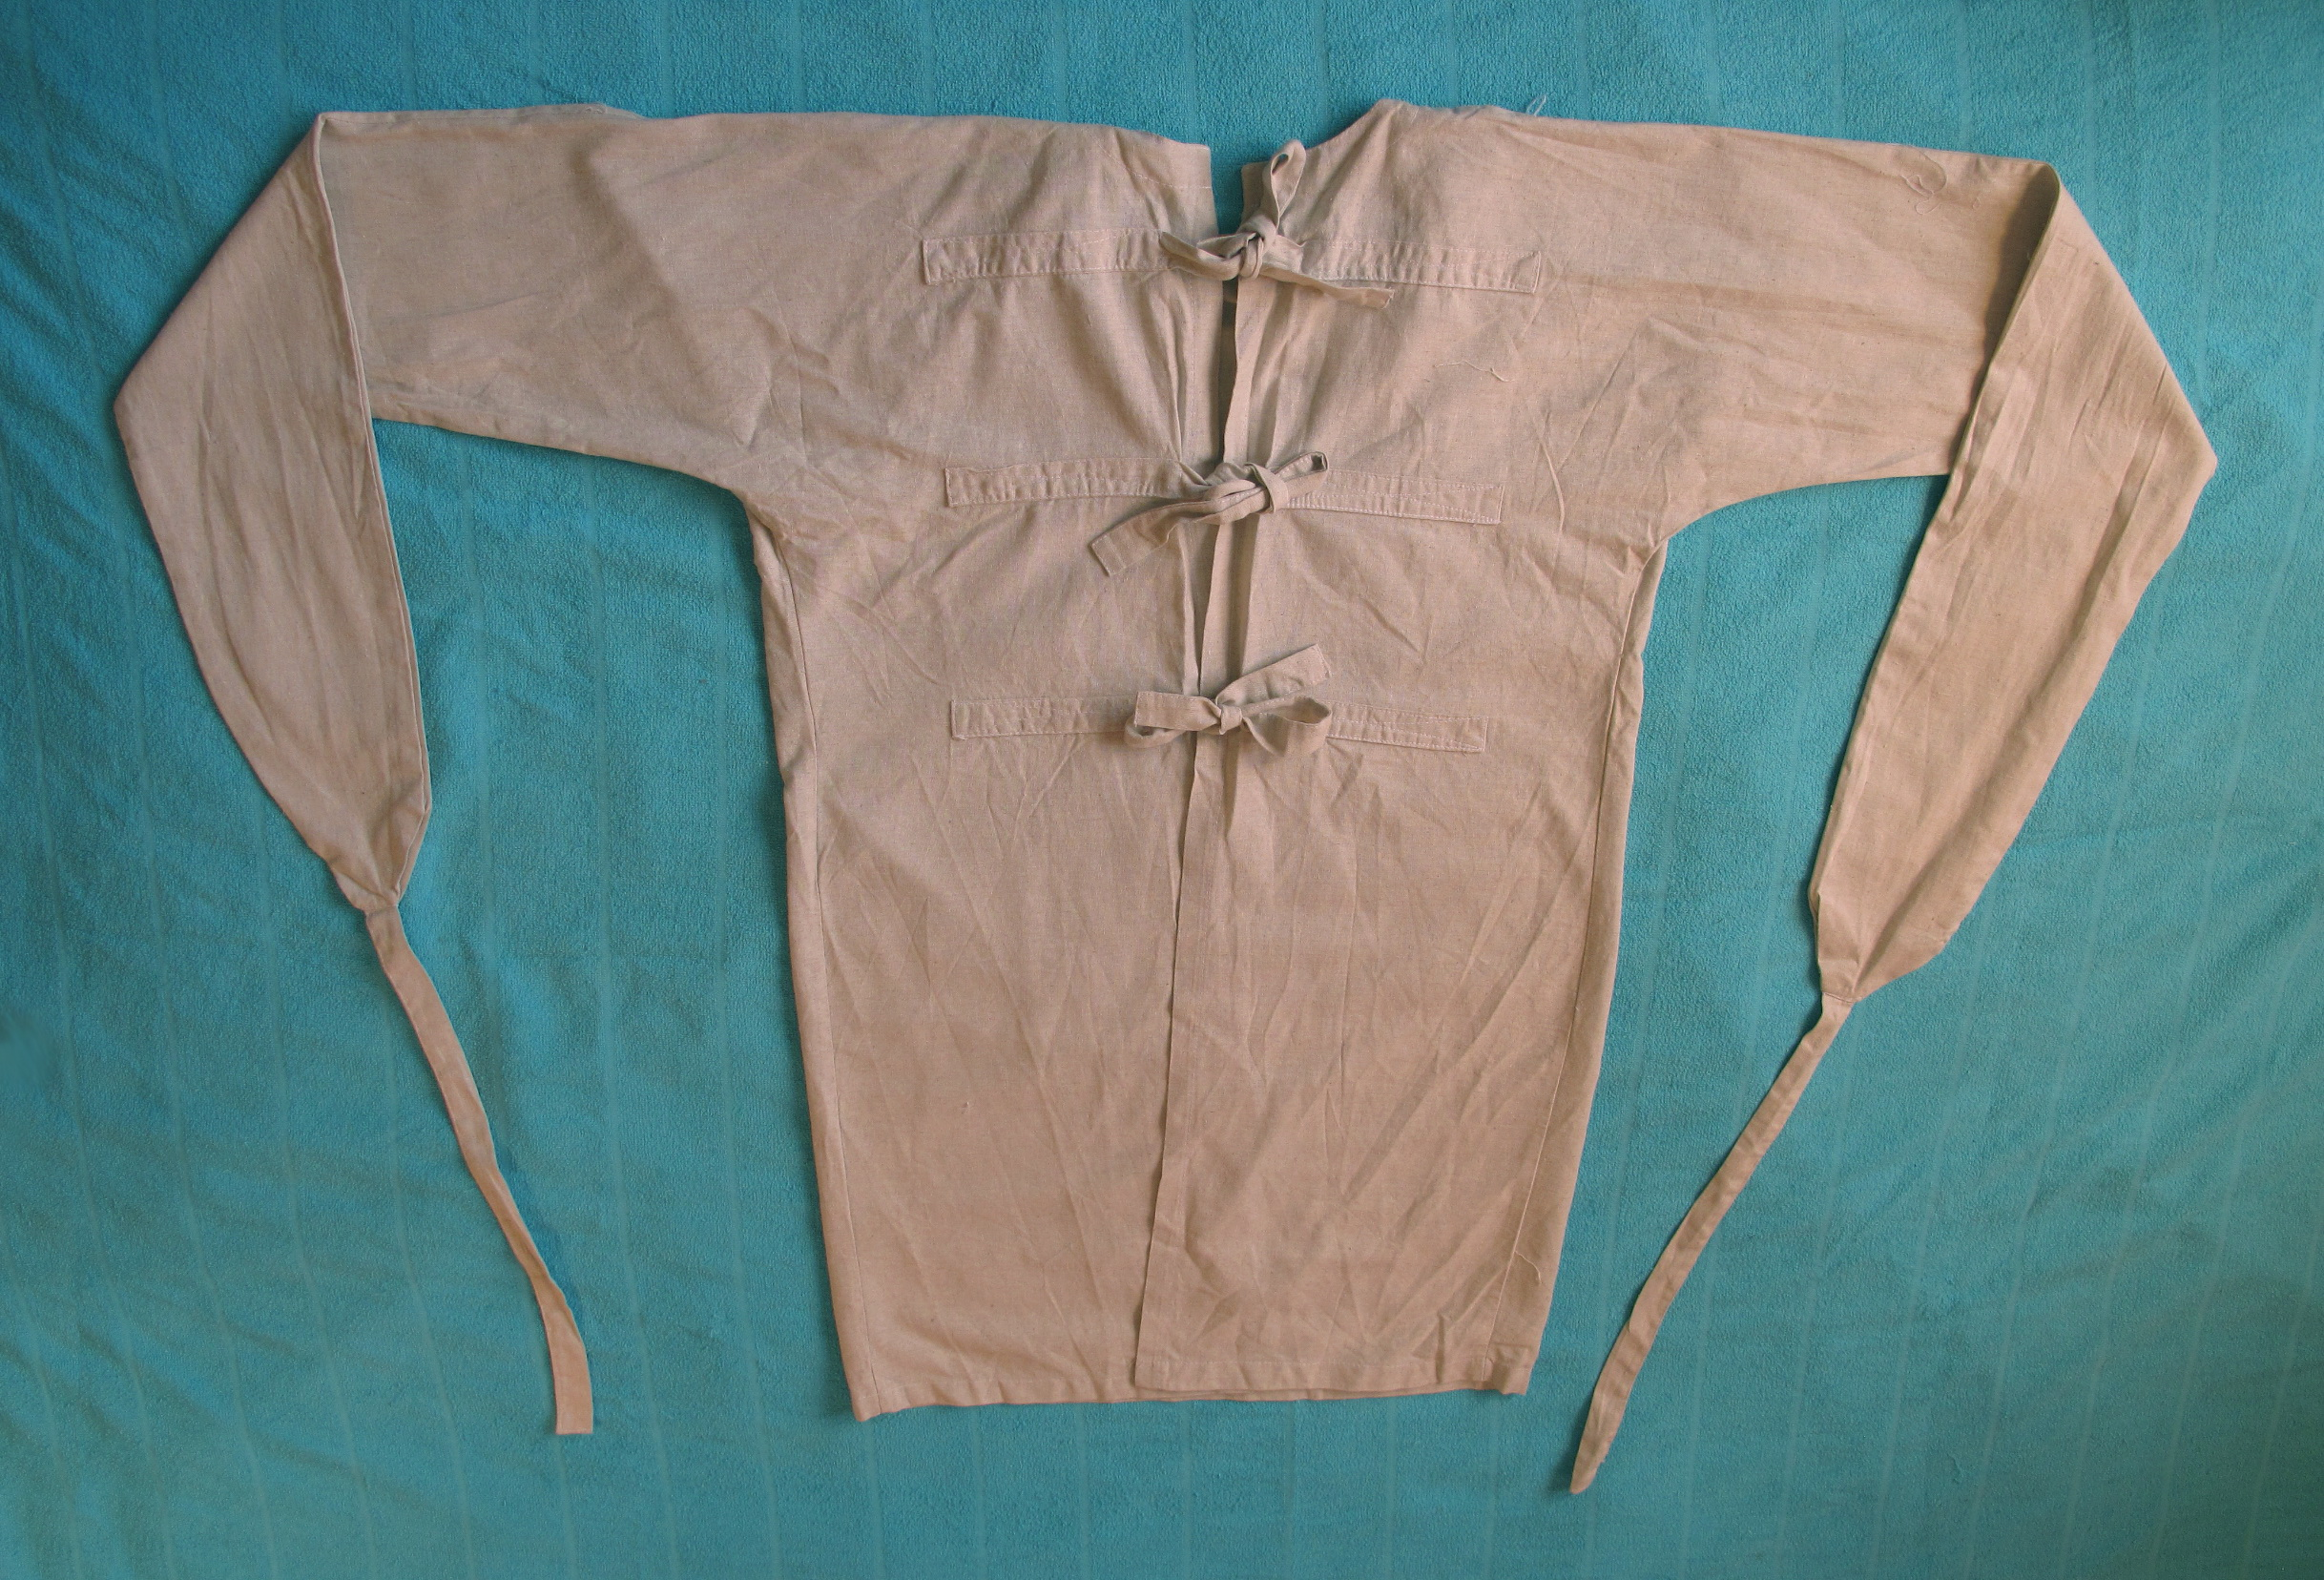 Смирительная рубашка - гуманное средство фиксации или уже